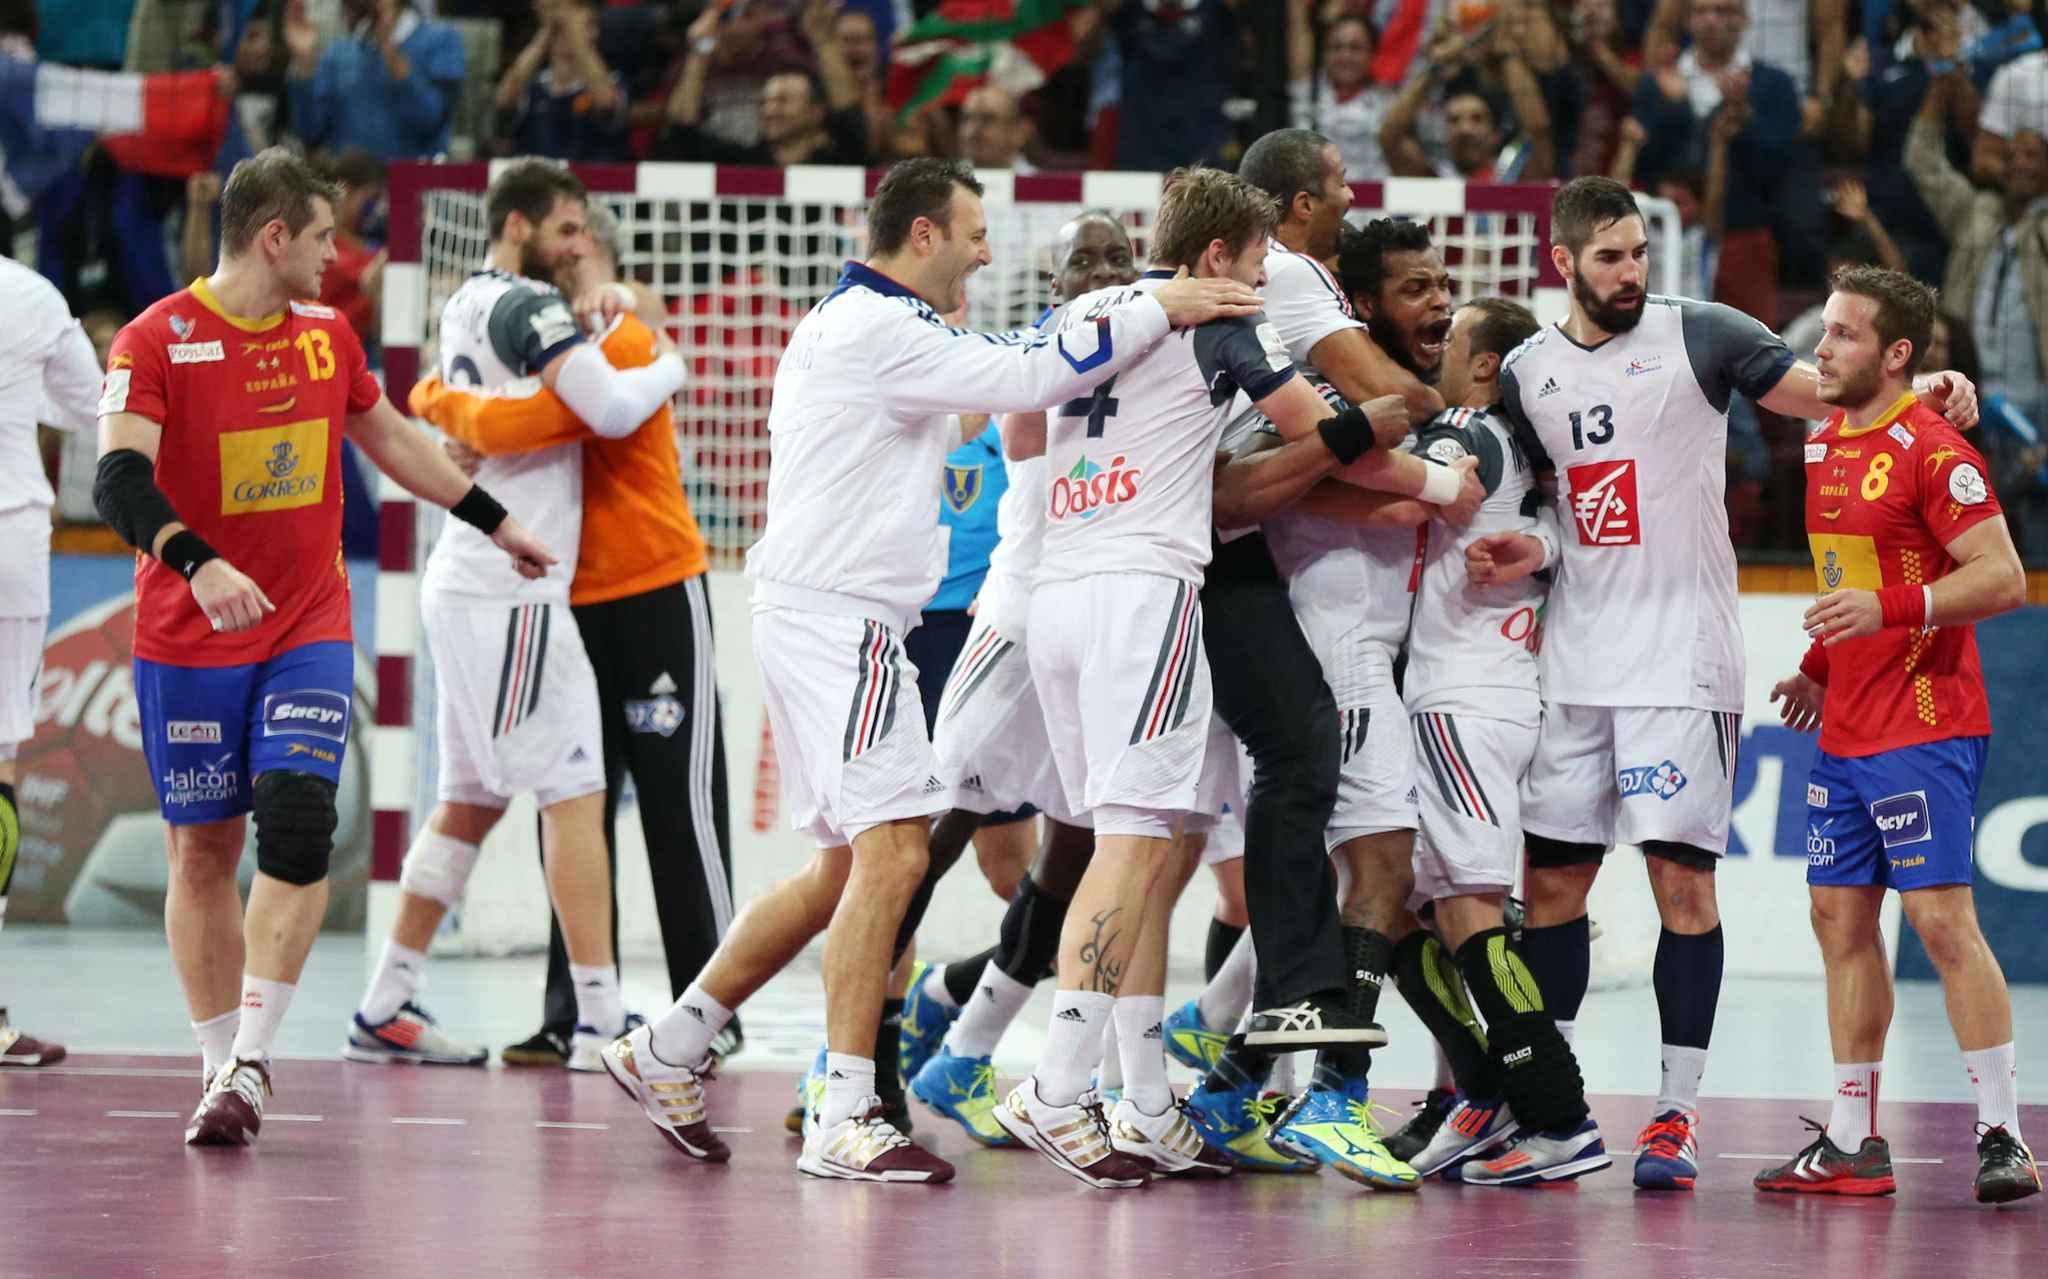 Mondial de handball la france se qualifie pour la finale - Finale coupe du monde 2015 handball ...